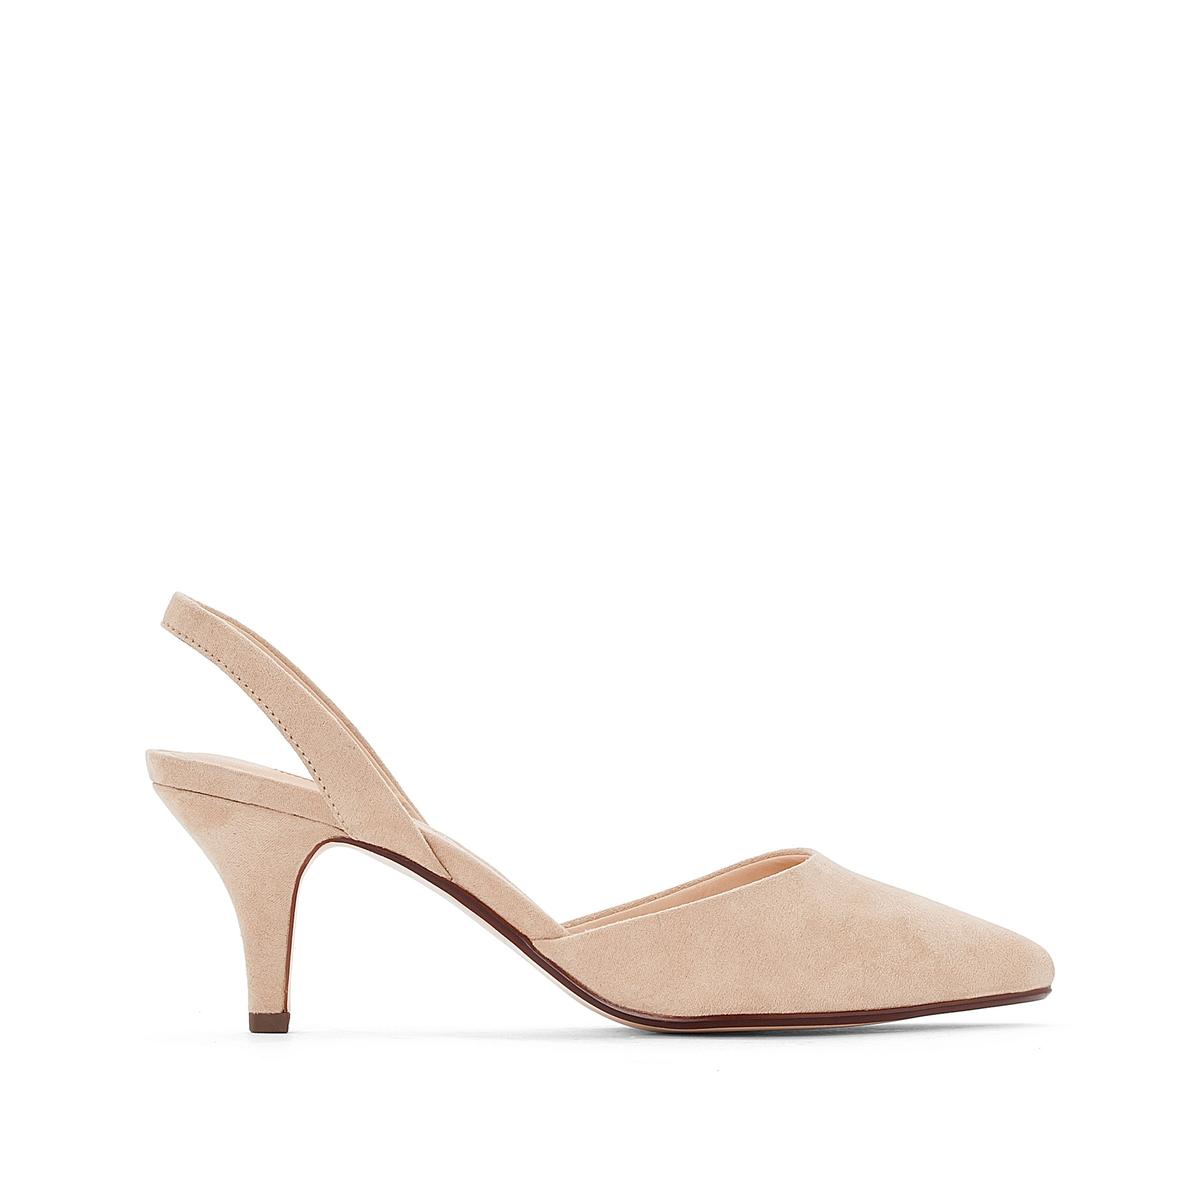 Туфли кожаные Pyra SlingВерх: полиэстер.Стелька: синтетика.Подошва: каучук.Высота каблука: 7 см.Форма каблука: шпилька.Мысок: заостренный мысок.Застежка: без застежки.<br><br>Цвет: бежевый<br>Размер: 41